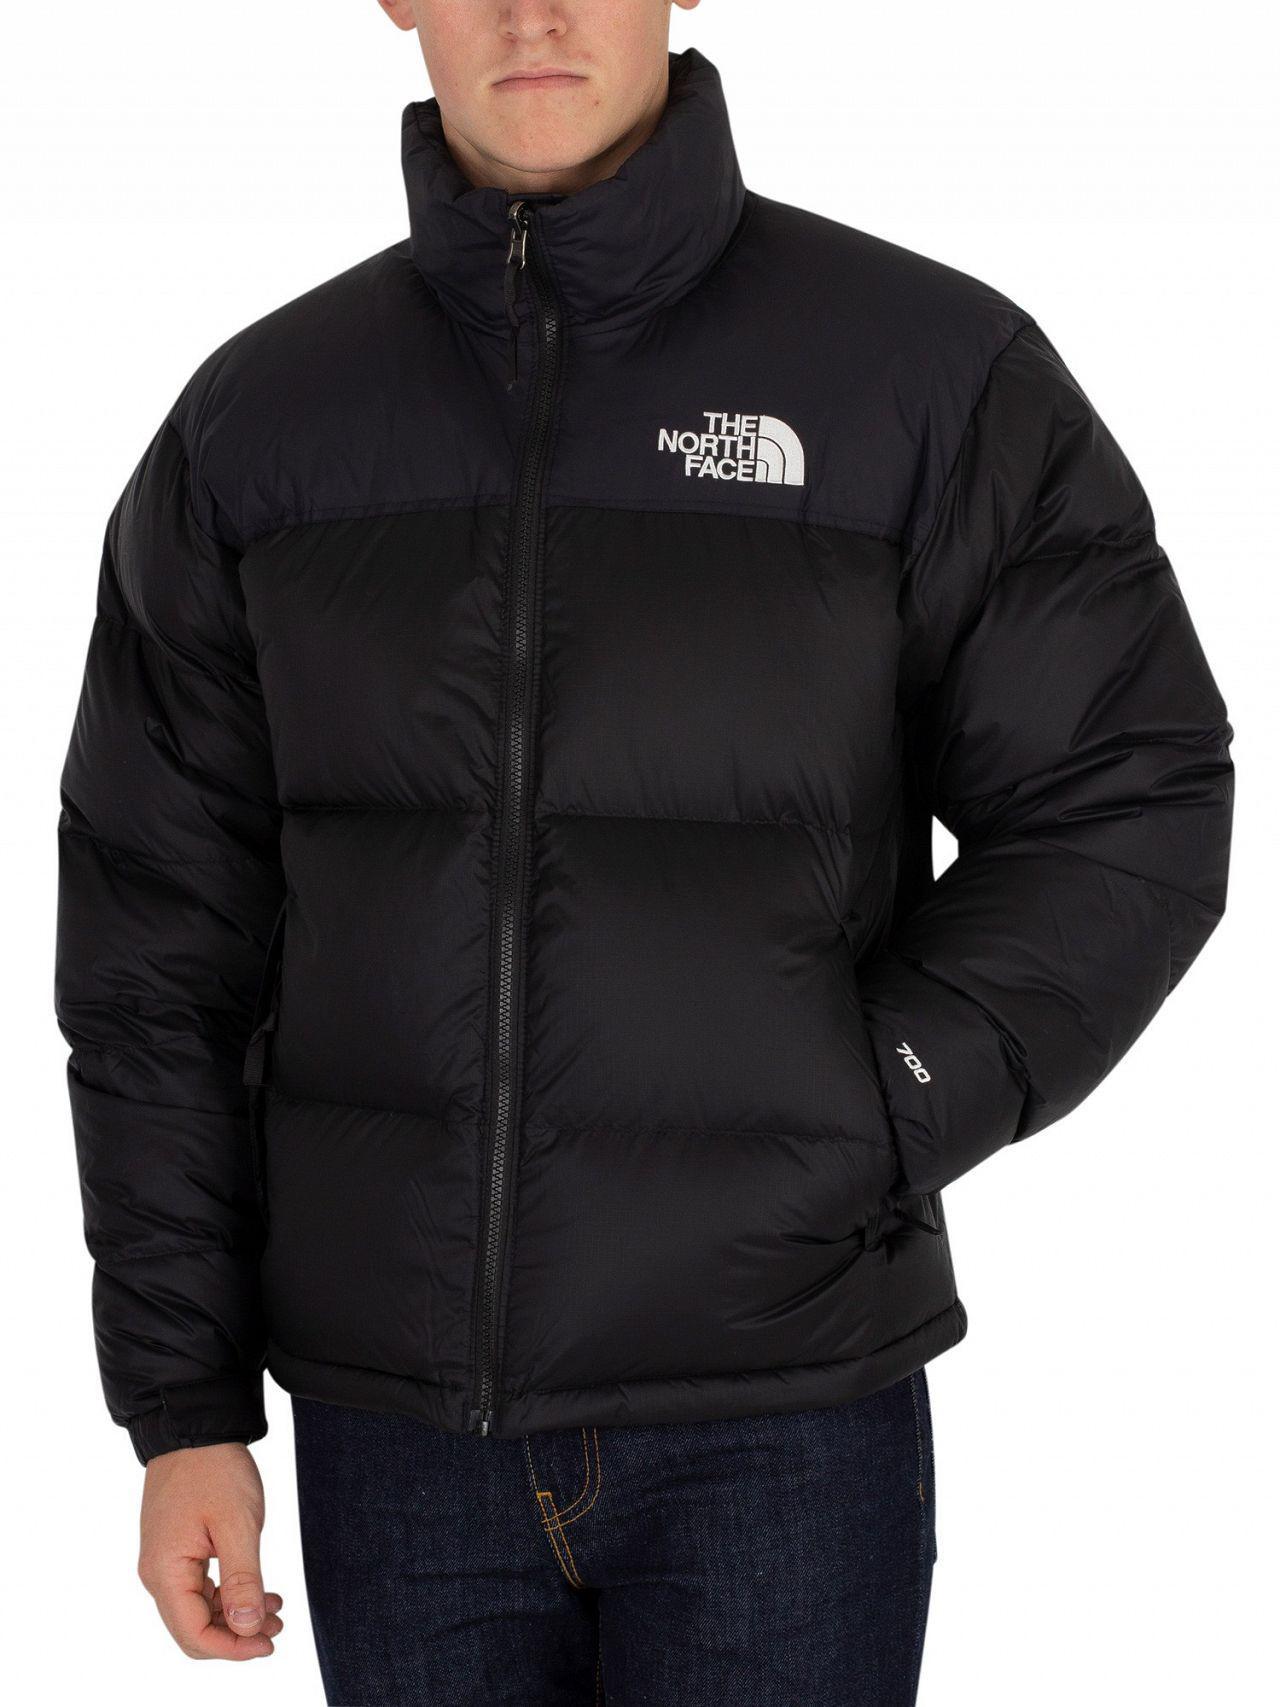 017e6ca470 The North Face Black 1996 Retro Nuptse Jacket in Black for Men - Lyst